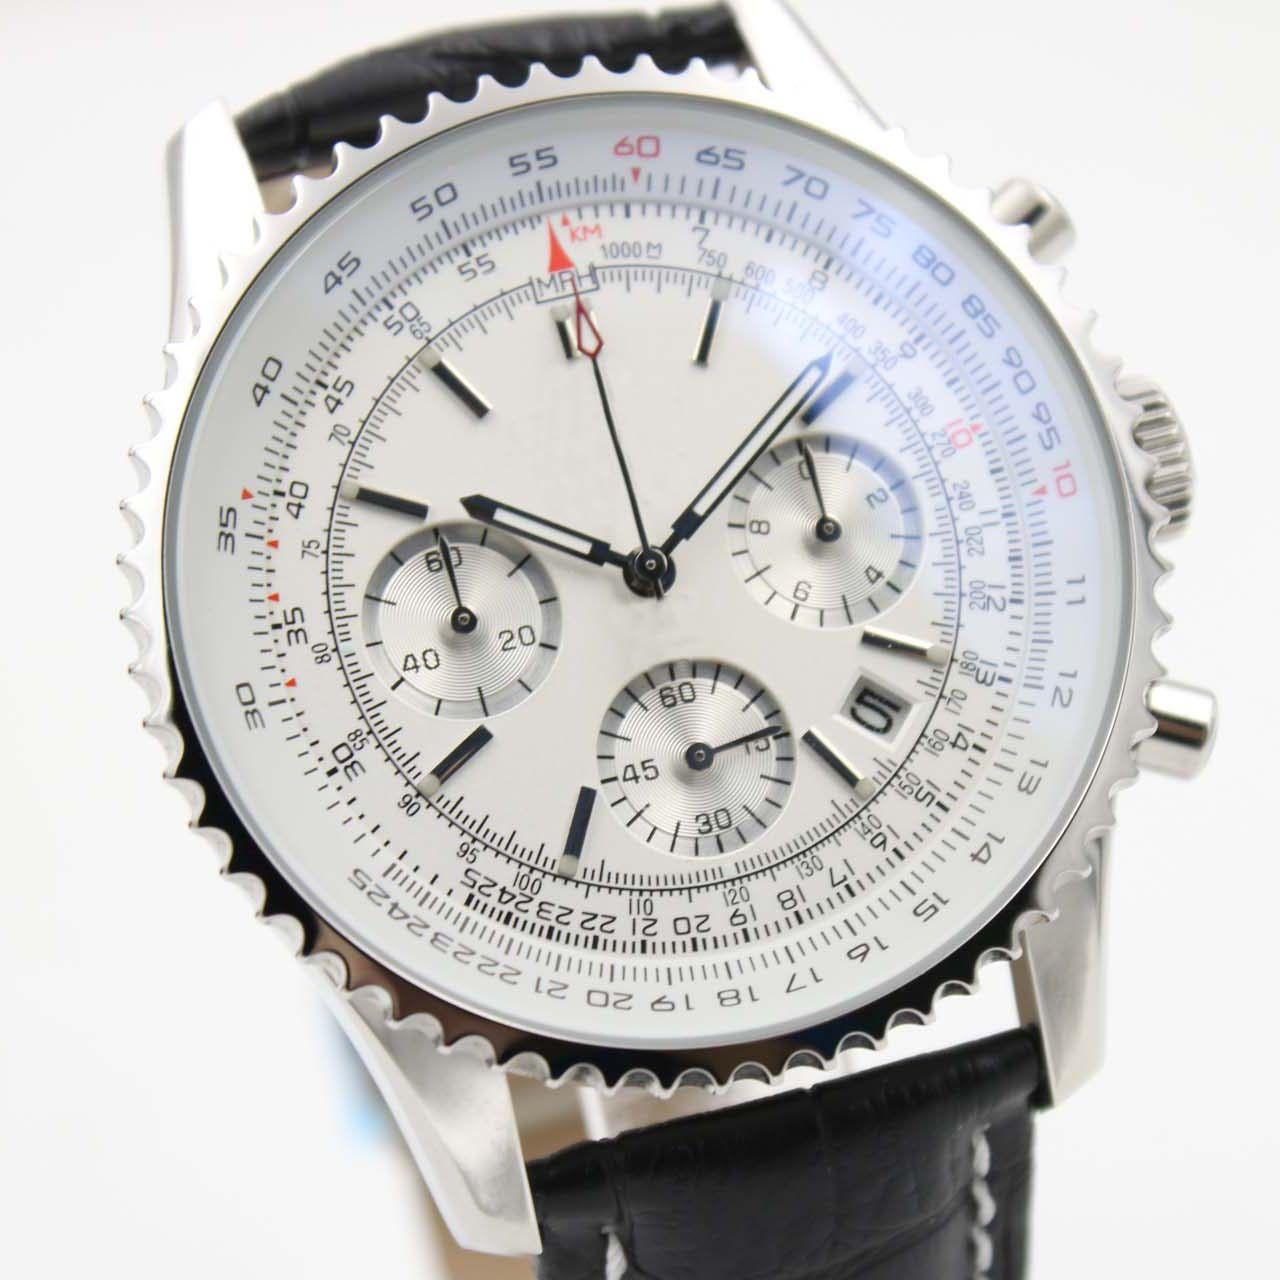 ساعة رياضية جديدة ساعات كرونوميتر نافيتيمر كوارتز كرونوغراف ساعة رجالي ساعة اليد الكلاسيكية ووتش الطلب الأبيض حزام جلد أسود